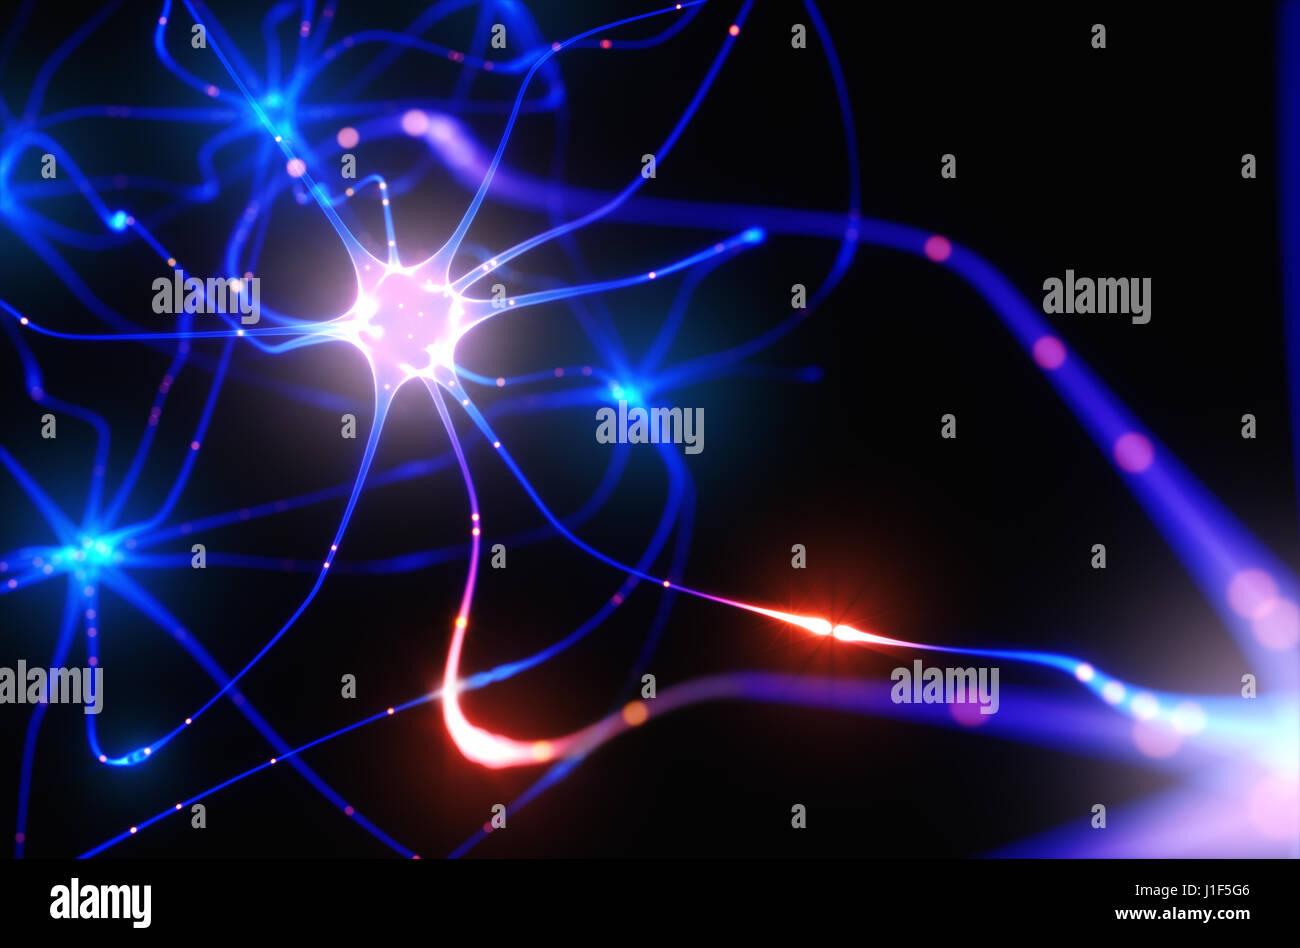 3D illustration de neurones interconnectés avec des impulsions électriques. Photo Stock